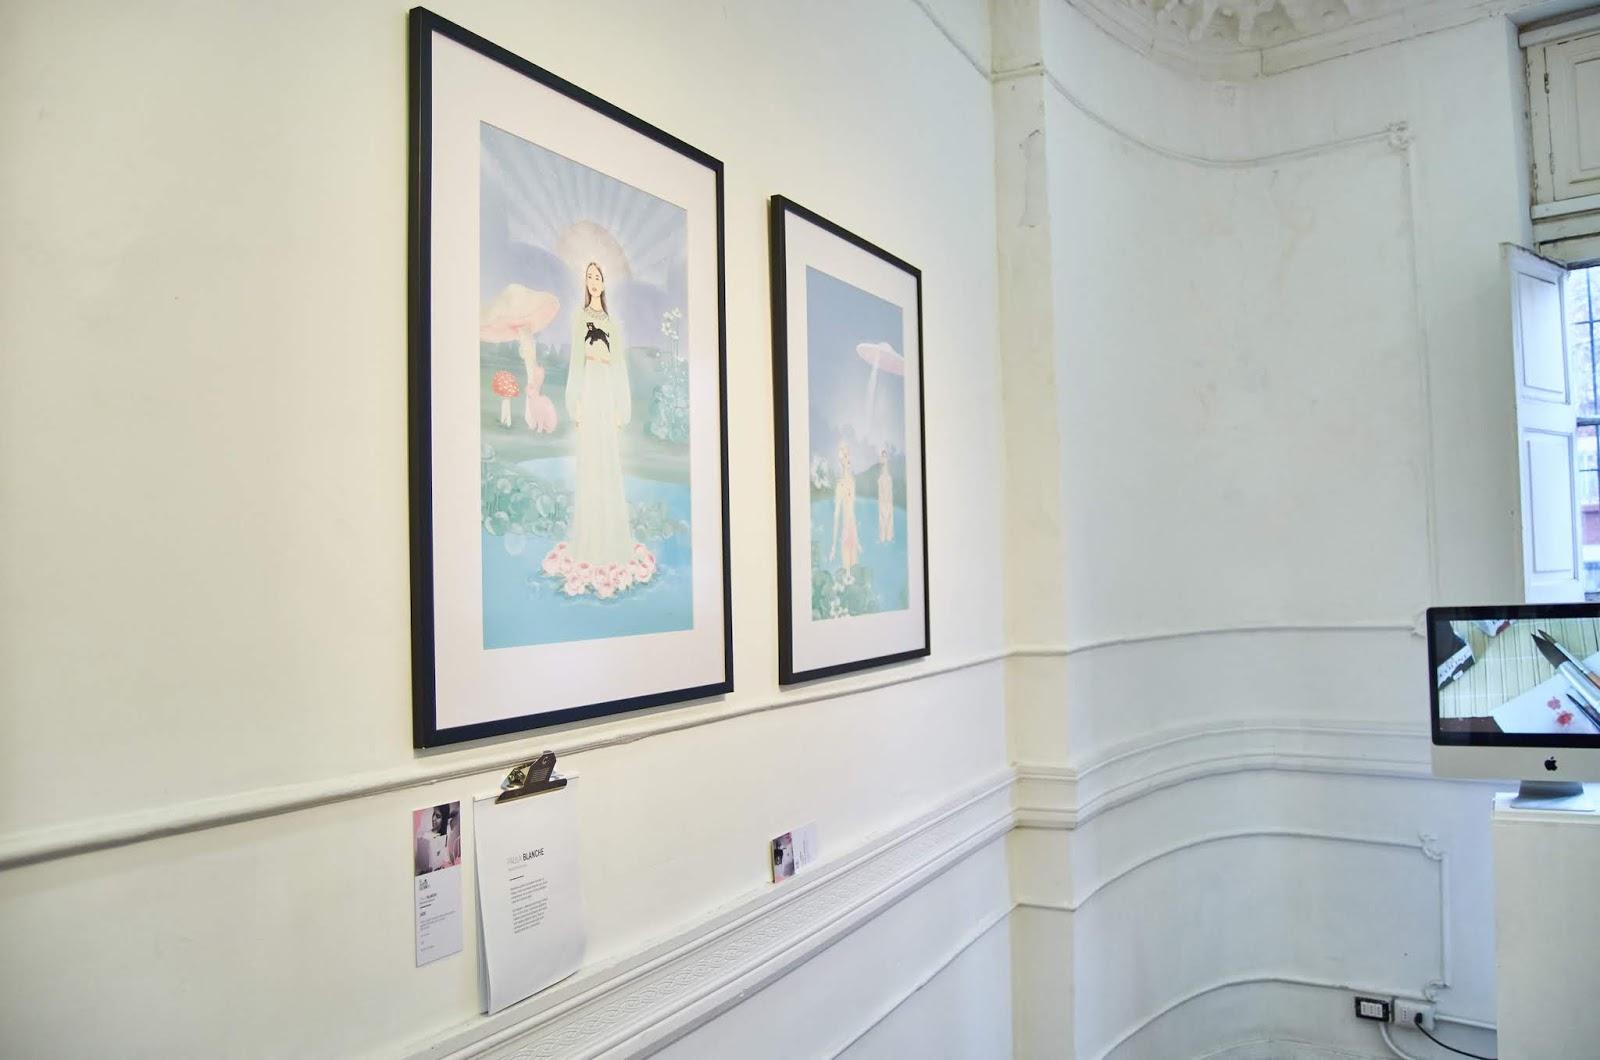 Sala de la muestra donde se observa ilustración de Paula Blanche